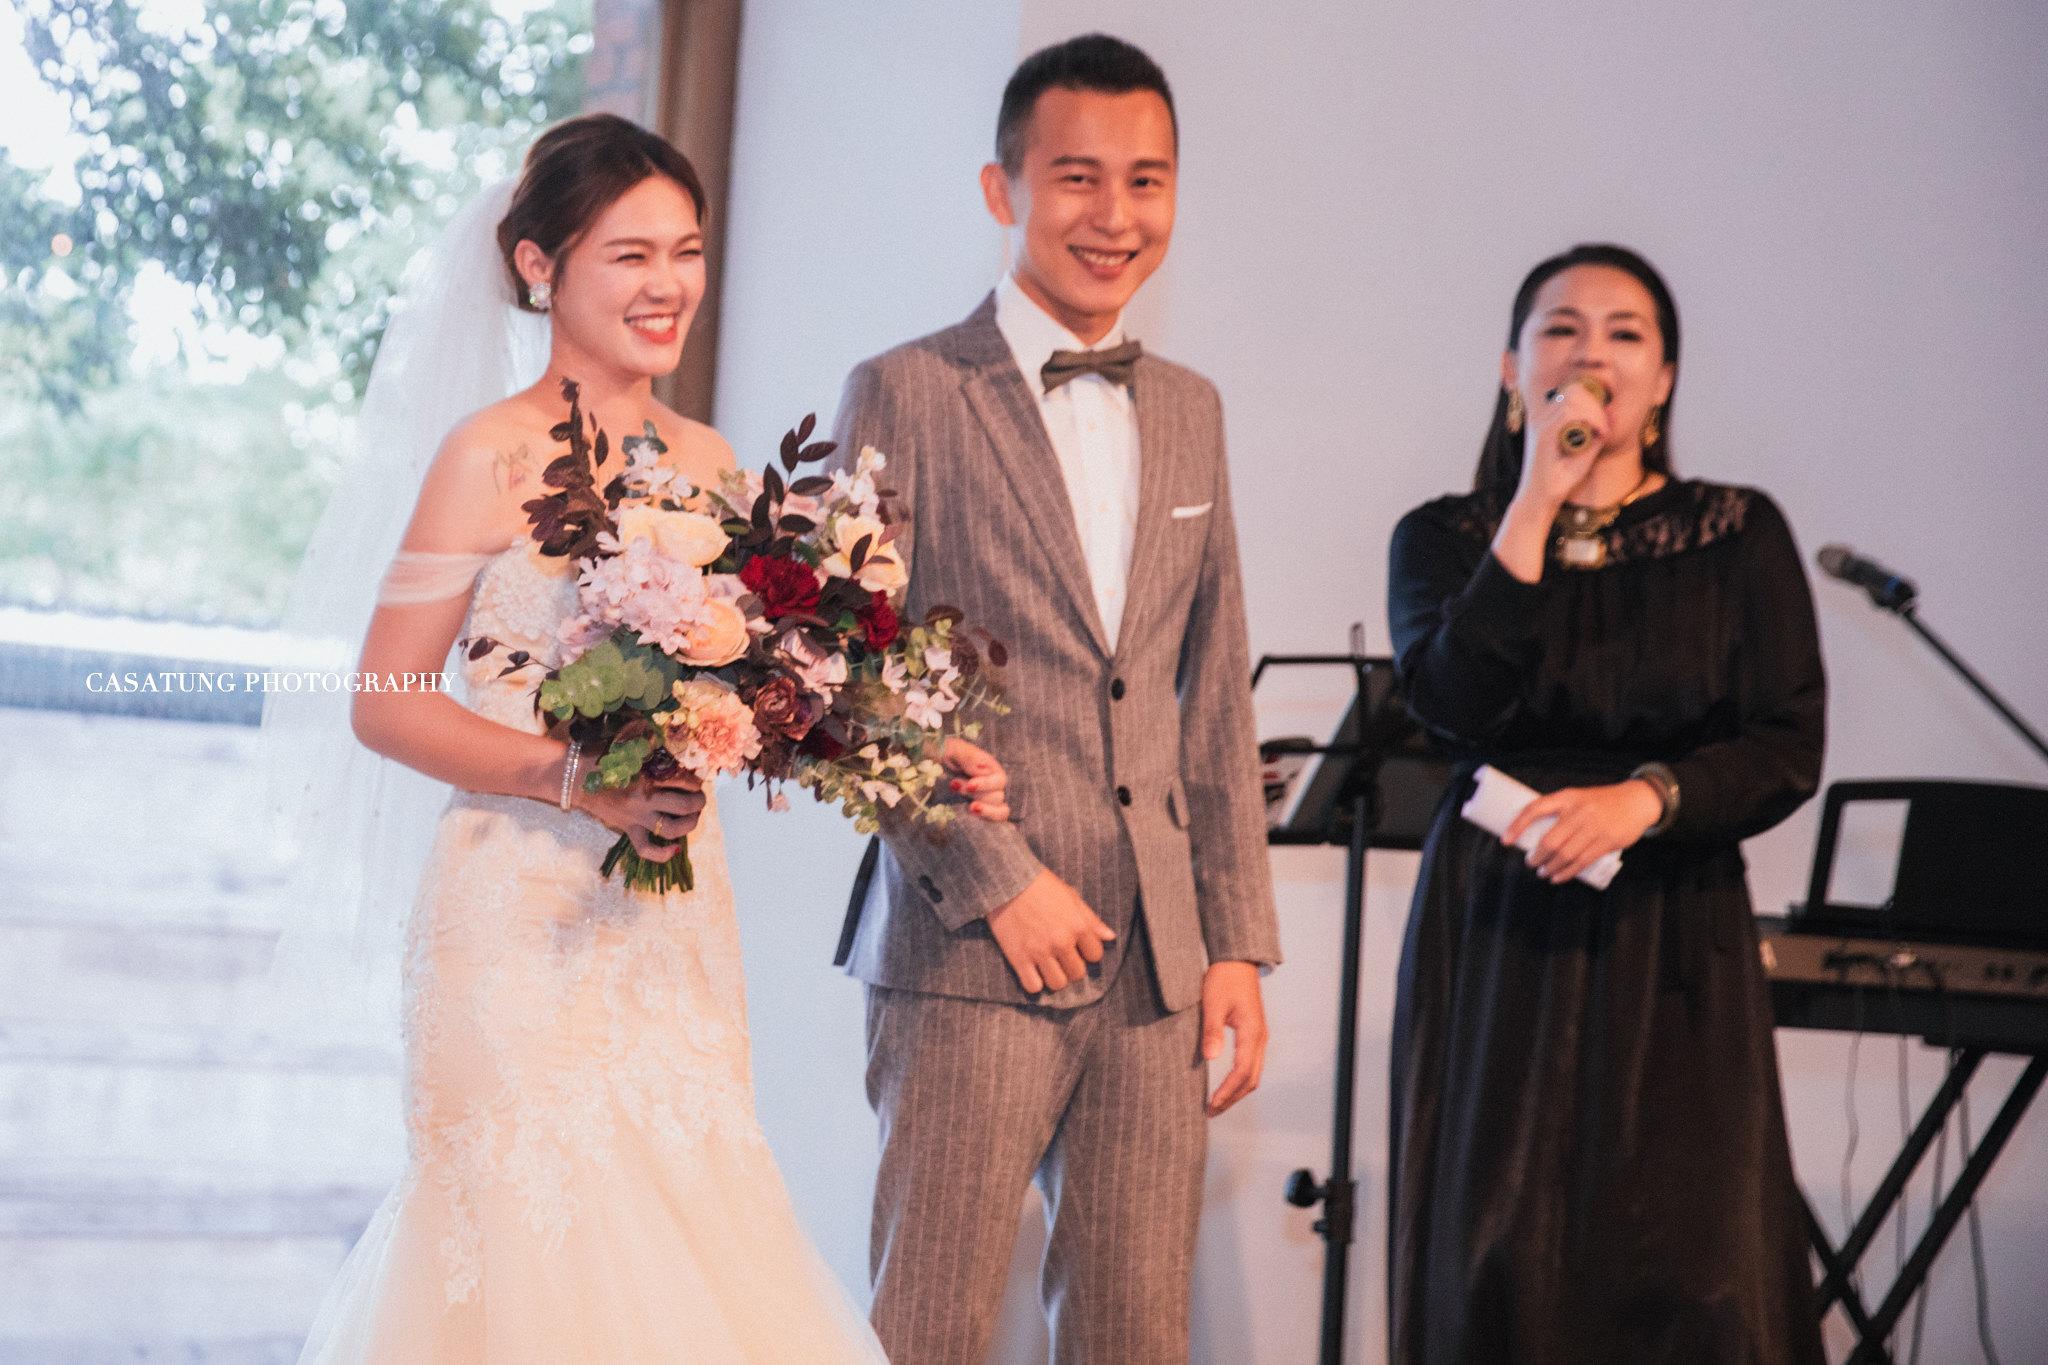 顏氏牧場婚禮,台中婚攝casa,旋轉木馬-100